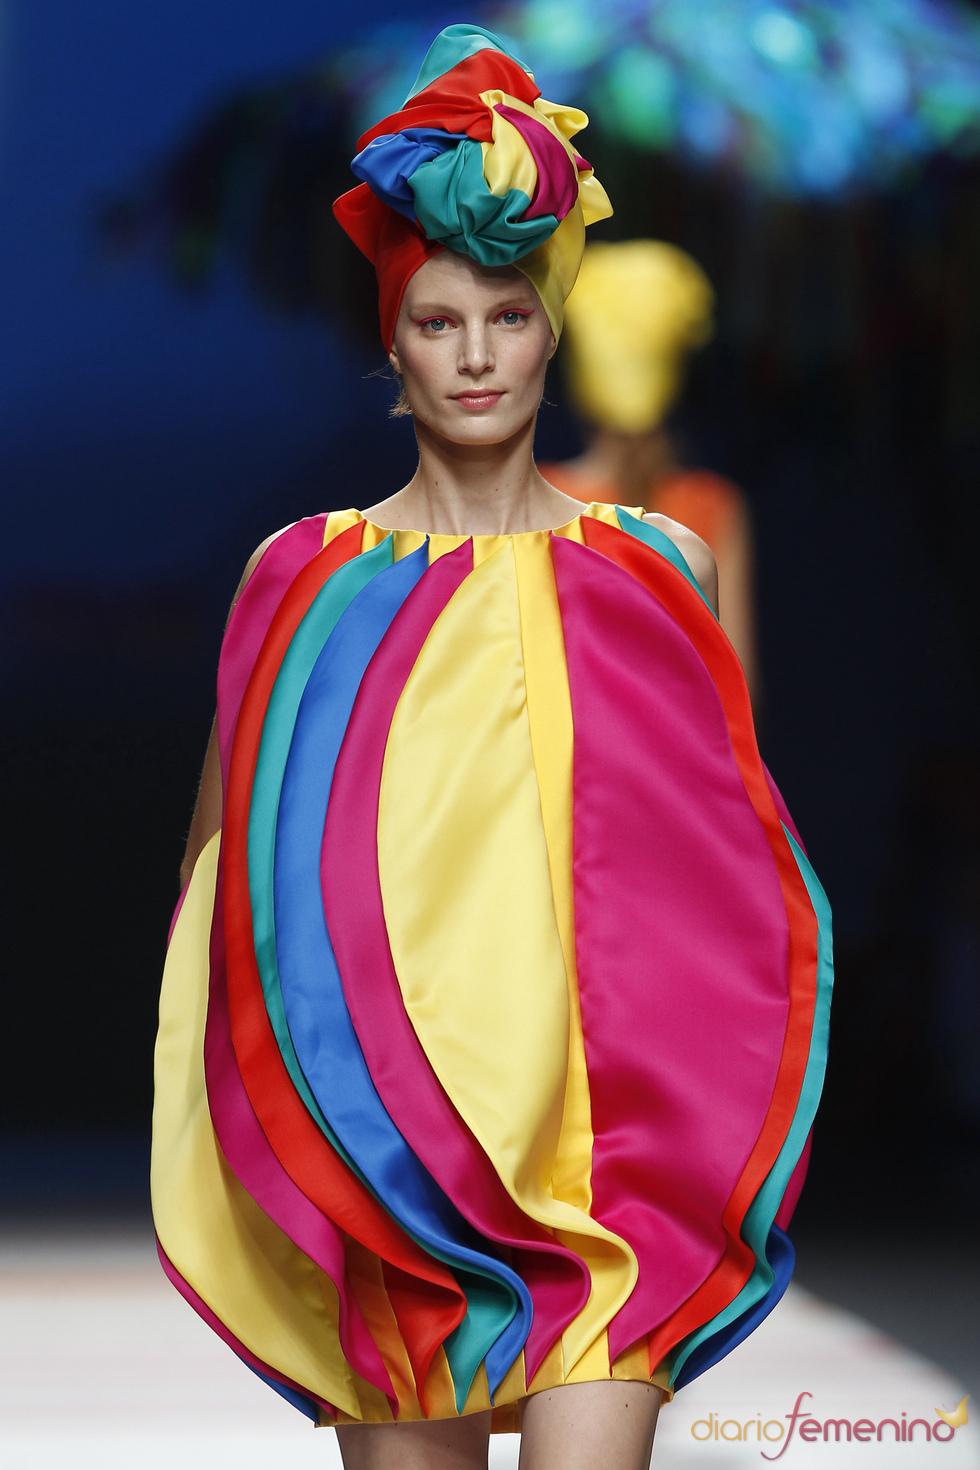 Vestido atrevido de Ágatha Ruiz de la Prada en Cibeles